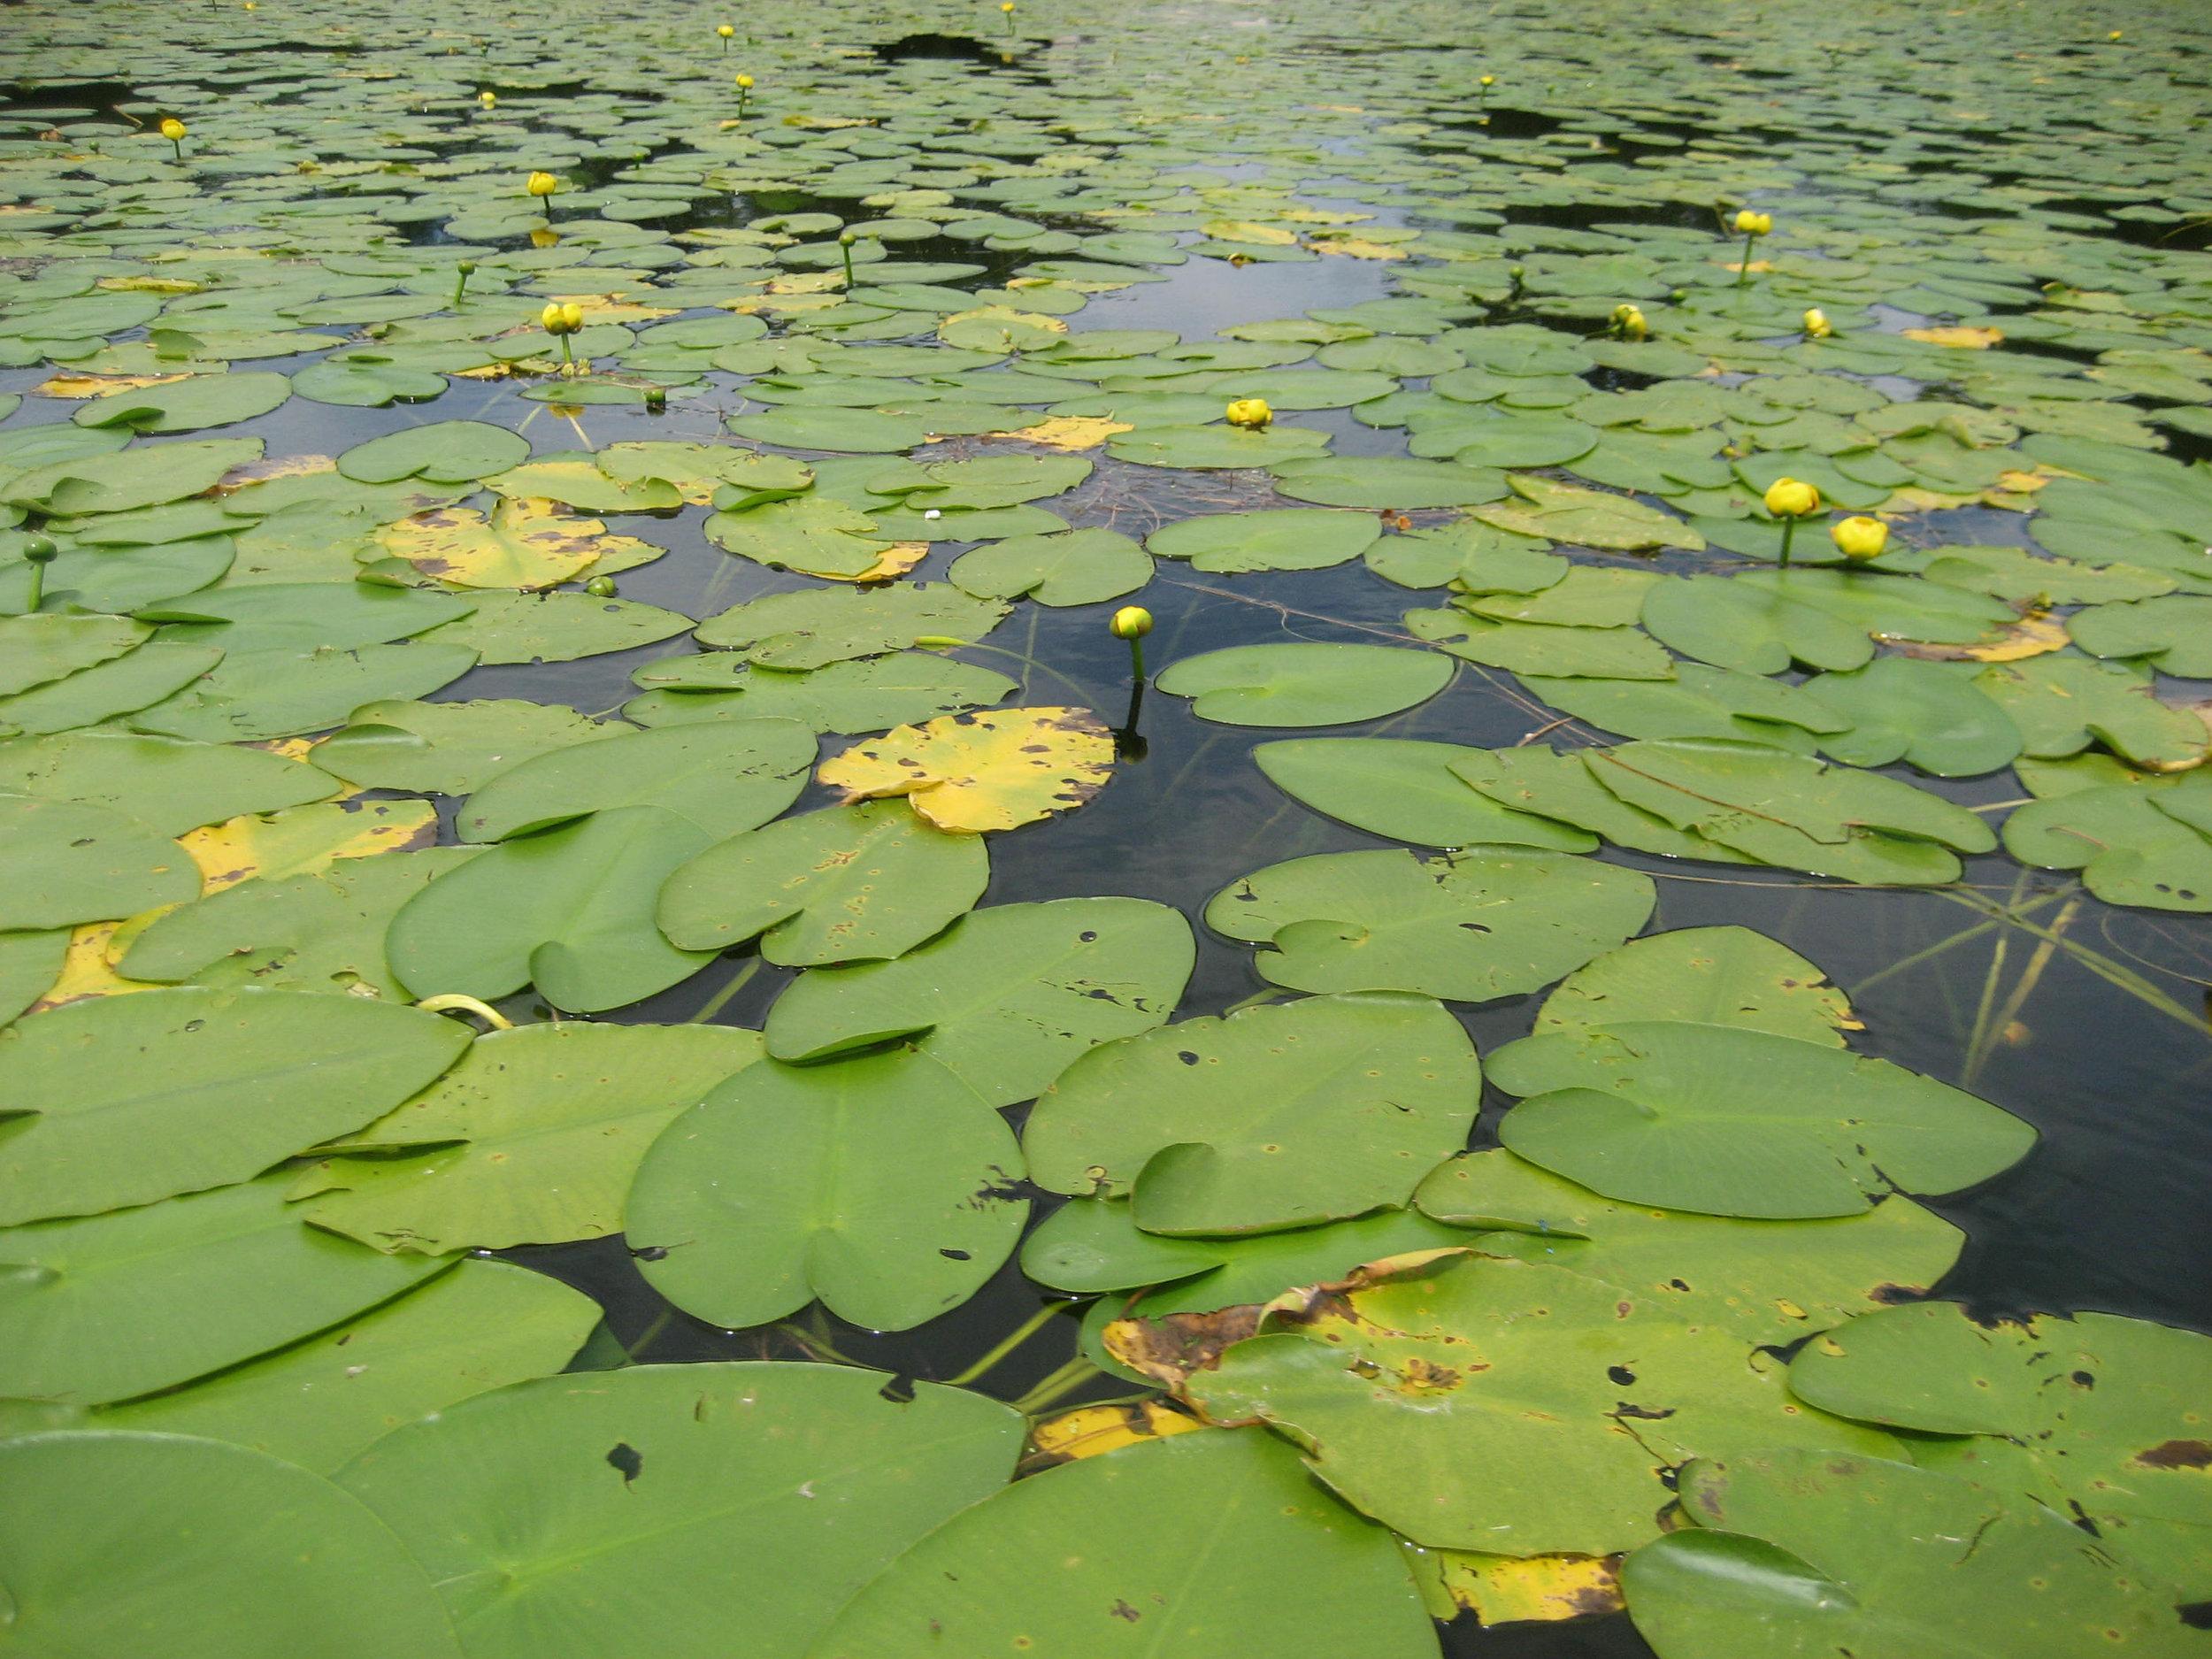 Lake-Beulah-Lily-Pads-1312.jpg